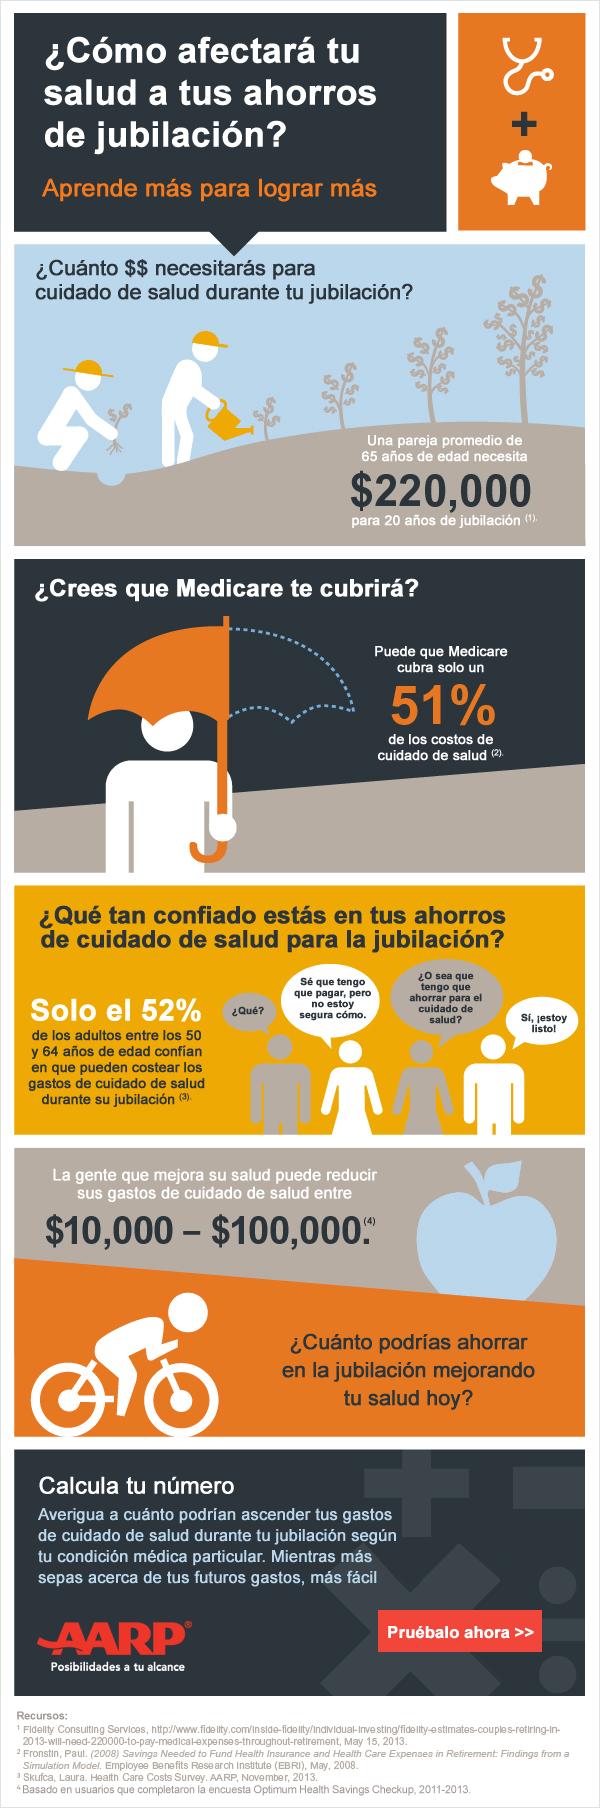 Infografía - ¿Cómo afectará tu salud a tus ahorros de jubilación?